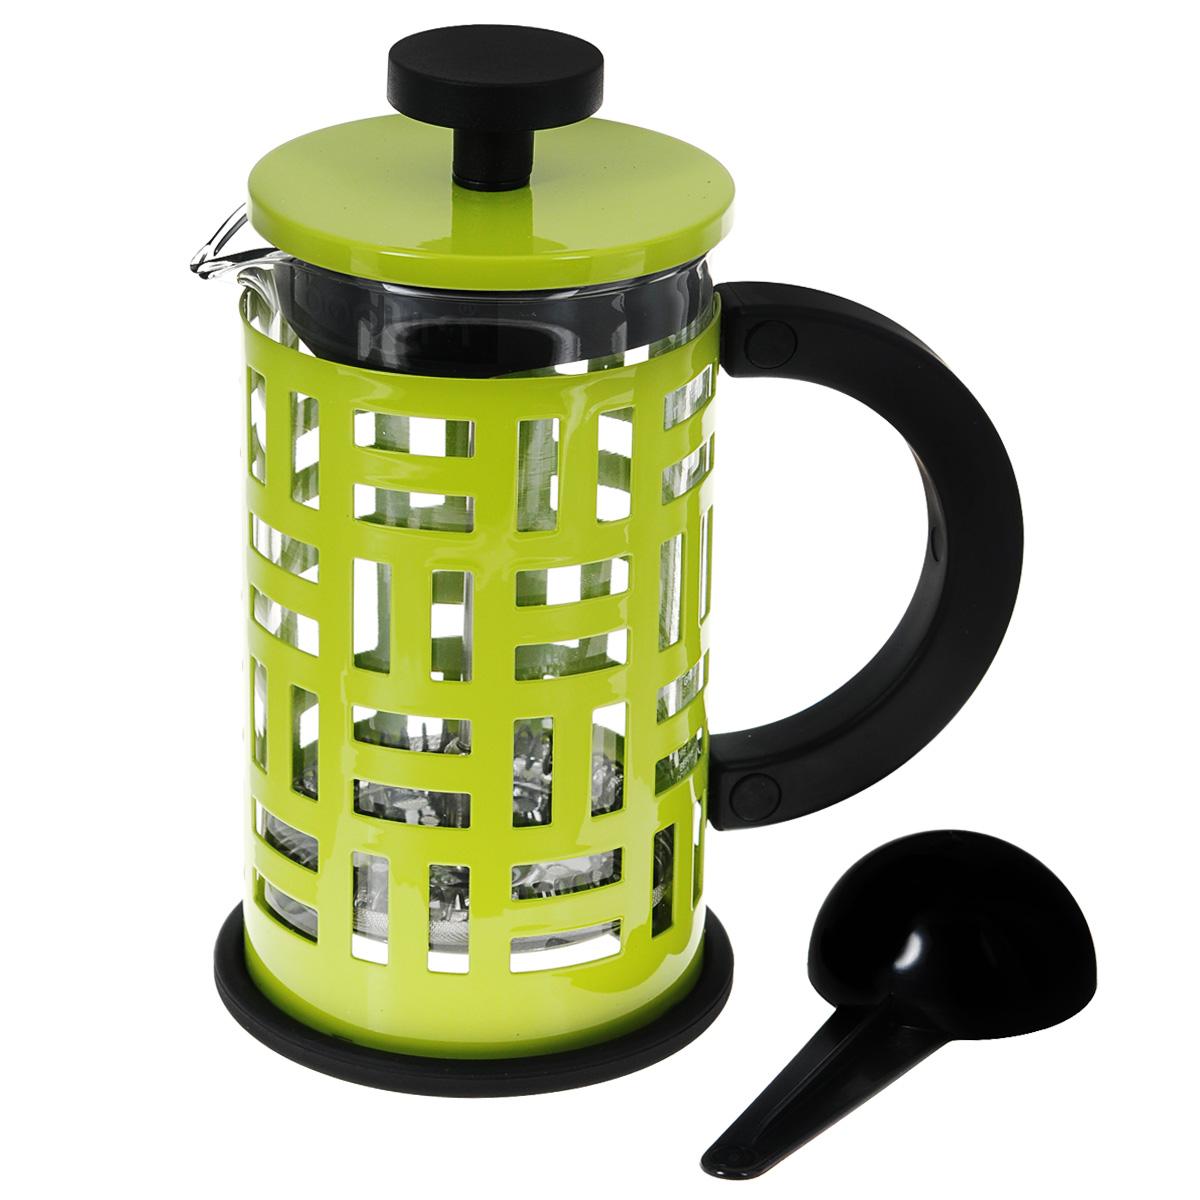 Кофейник Bodum Eileen с прессом, с ложечкой, цвет: зеленый, 0,35 лBK-S459Кофейник Bodum Eileen представляет собой колбу из термостойкого стекла в цельной оправе из окрашенной нержавеющей стали. Оправа защищает хрупкую колбу от толчков и ударов. Кофейник оснащен стальным фильтром french press, который позволяет легко и просто приготовить отличный напиток. Ненагревающаяся ручка кофейника выполнена из пластика. В комплекте небольшая мерная ложечка из черного пластика. Благодаря такому кофейнику приготовление вкуснейшего ароматного и крепкого кофе займет всего пару минут. Профессиональная серия Eileen была задумана и создана в честь великого архитектора и дизайнера - Эйлин Грей (Eileen Gray). При создании серии были особо учтены соображения функционального удобства. Стильный внешний вид и практичность в использовании сделали Eileen чрезвычайно востребованной серией. Объем: 0,35 л. Диаметр кофейника по верхнему краю: 7 см. Высота стенки кофейника: 13,5 см. Длина ложечки: 10 см.